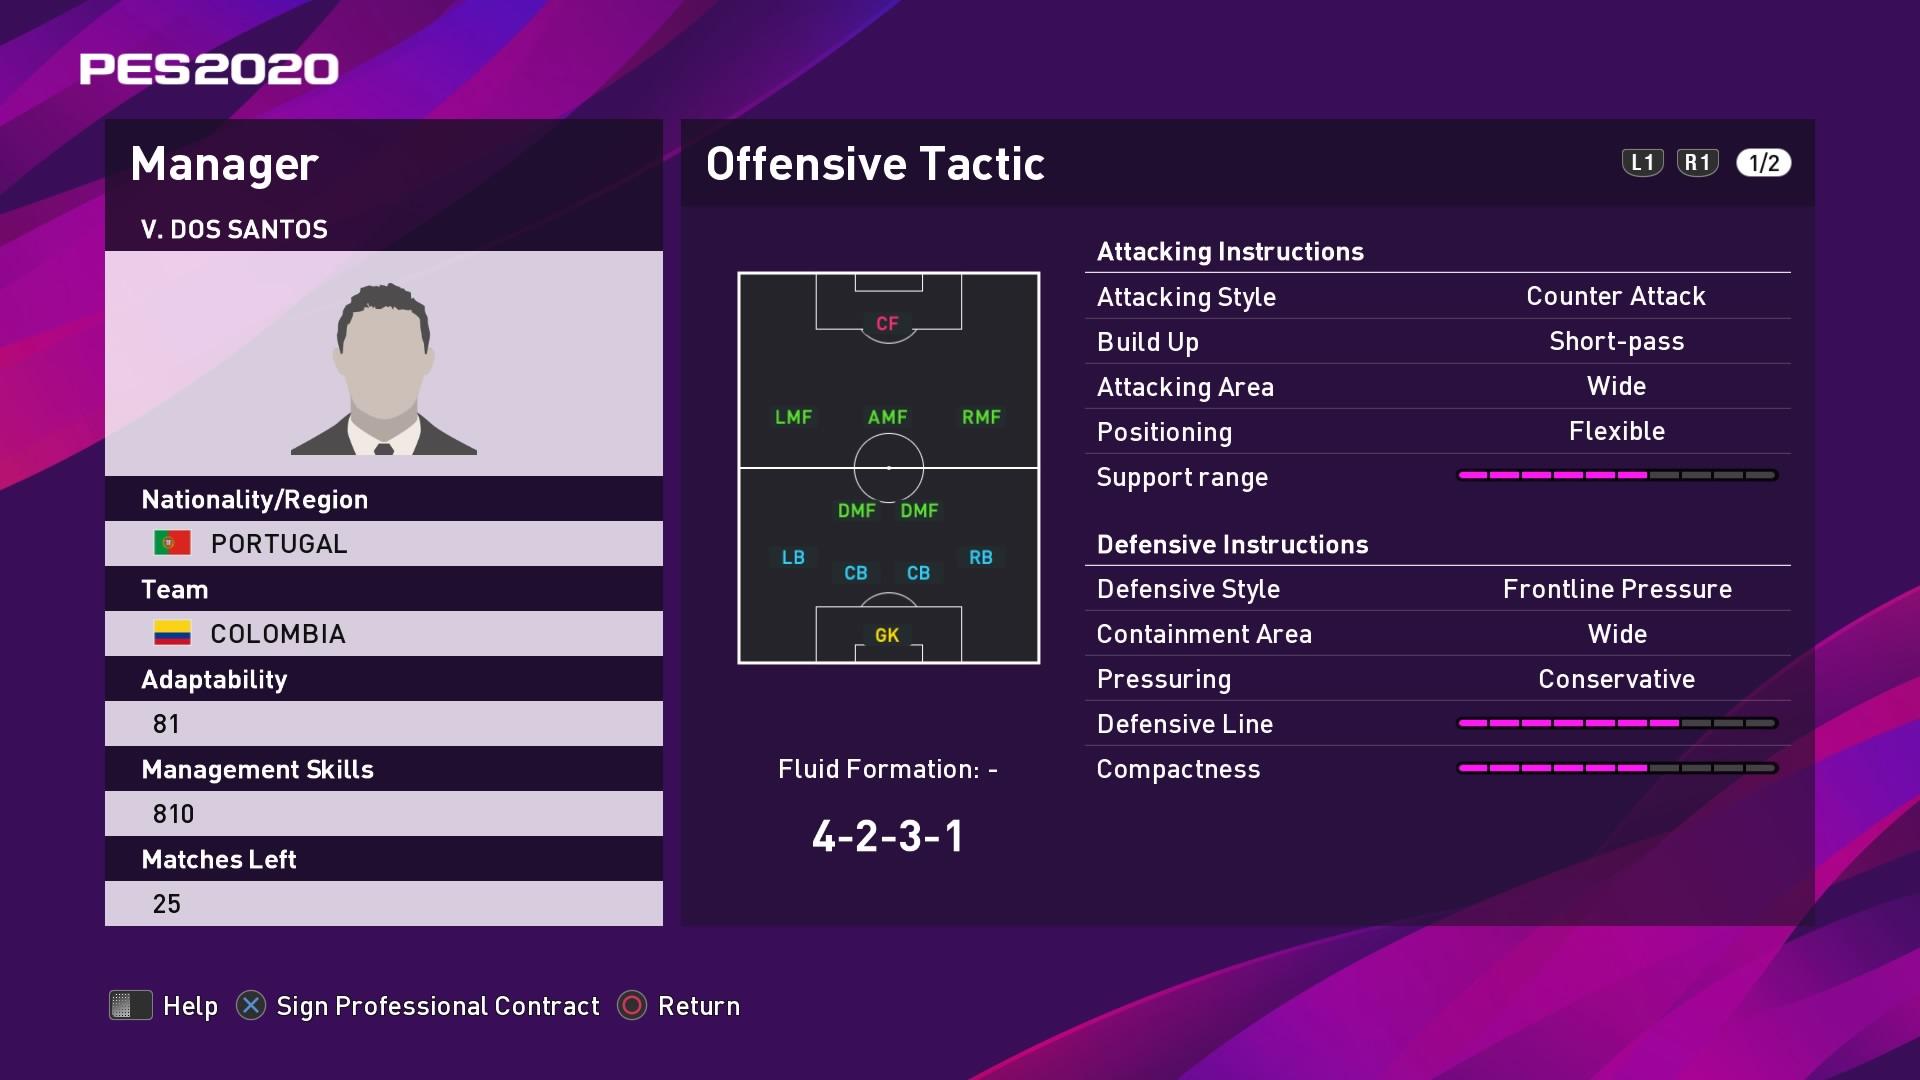 V. dos Santos (Carlos Queiroz) Offensive Tactic in PES 2020 myClub